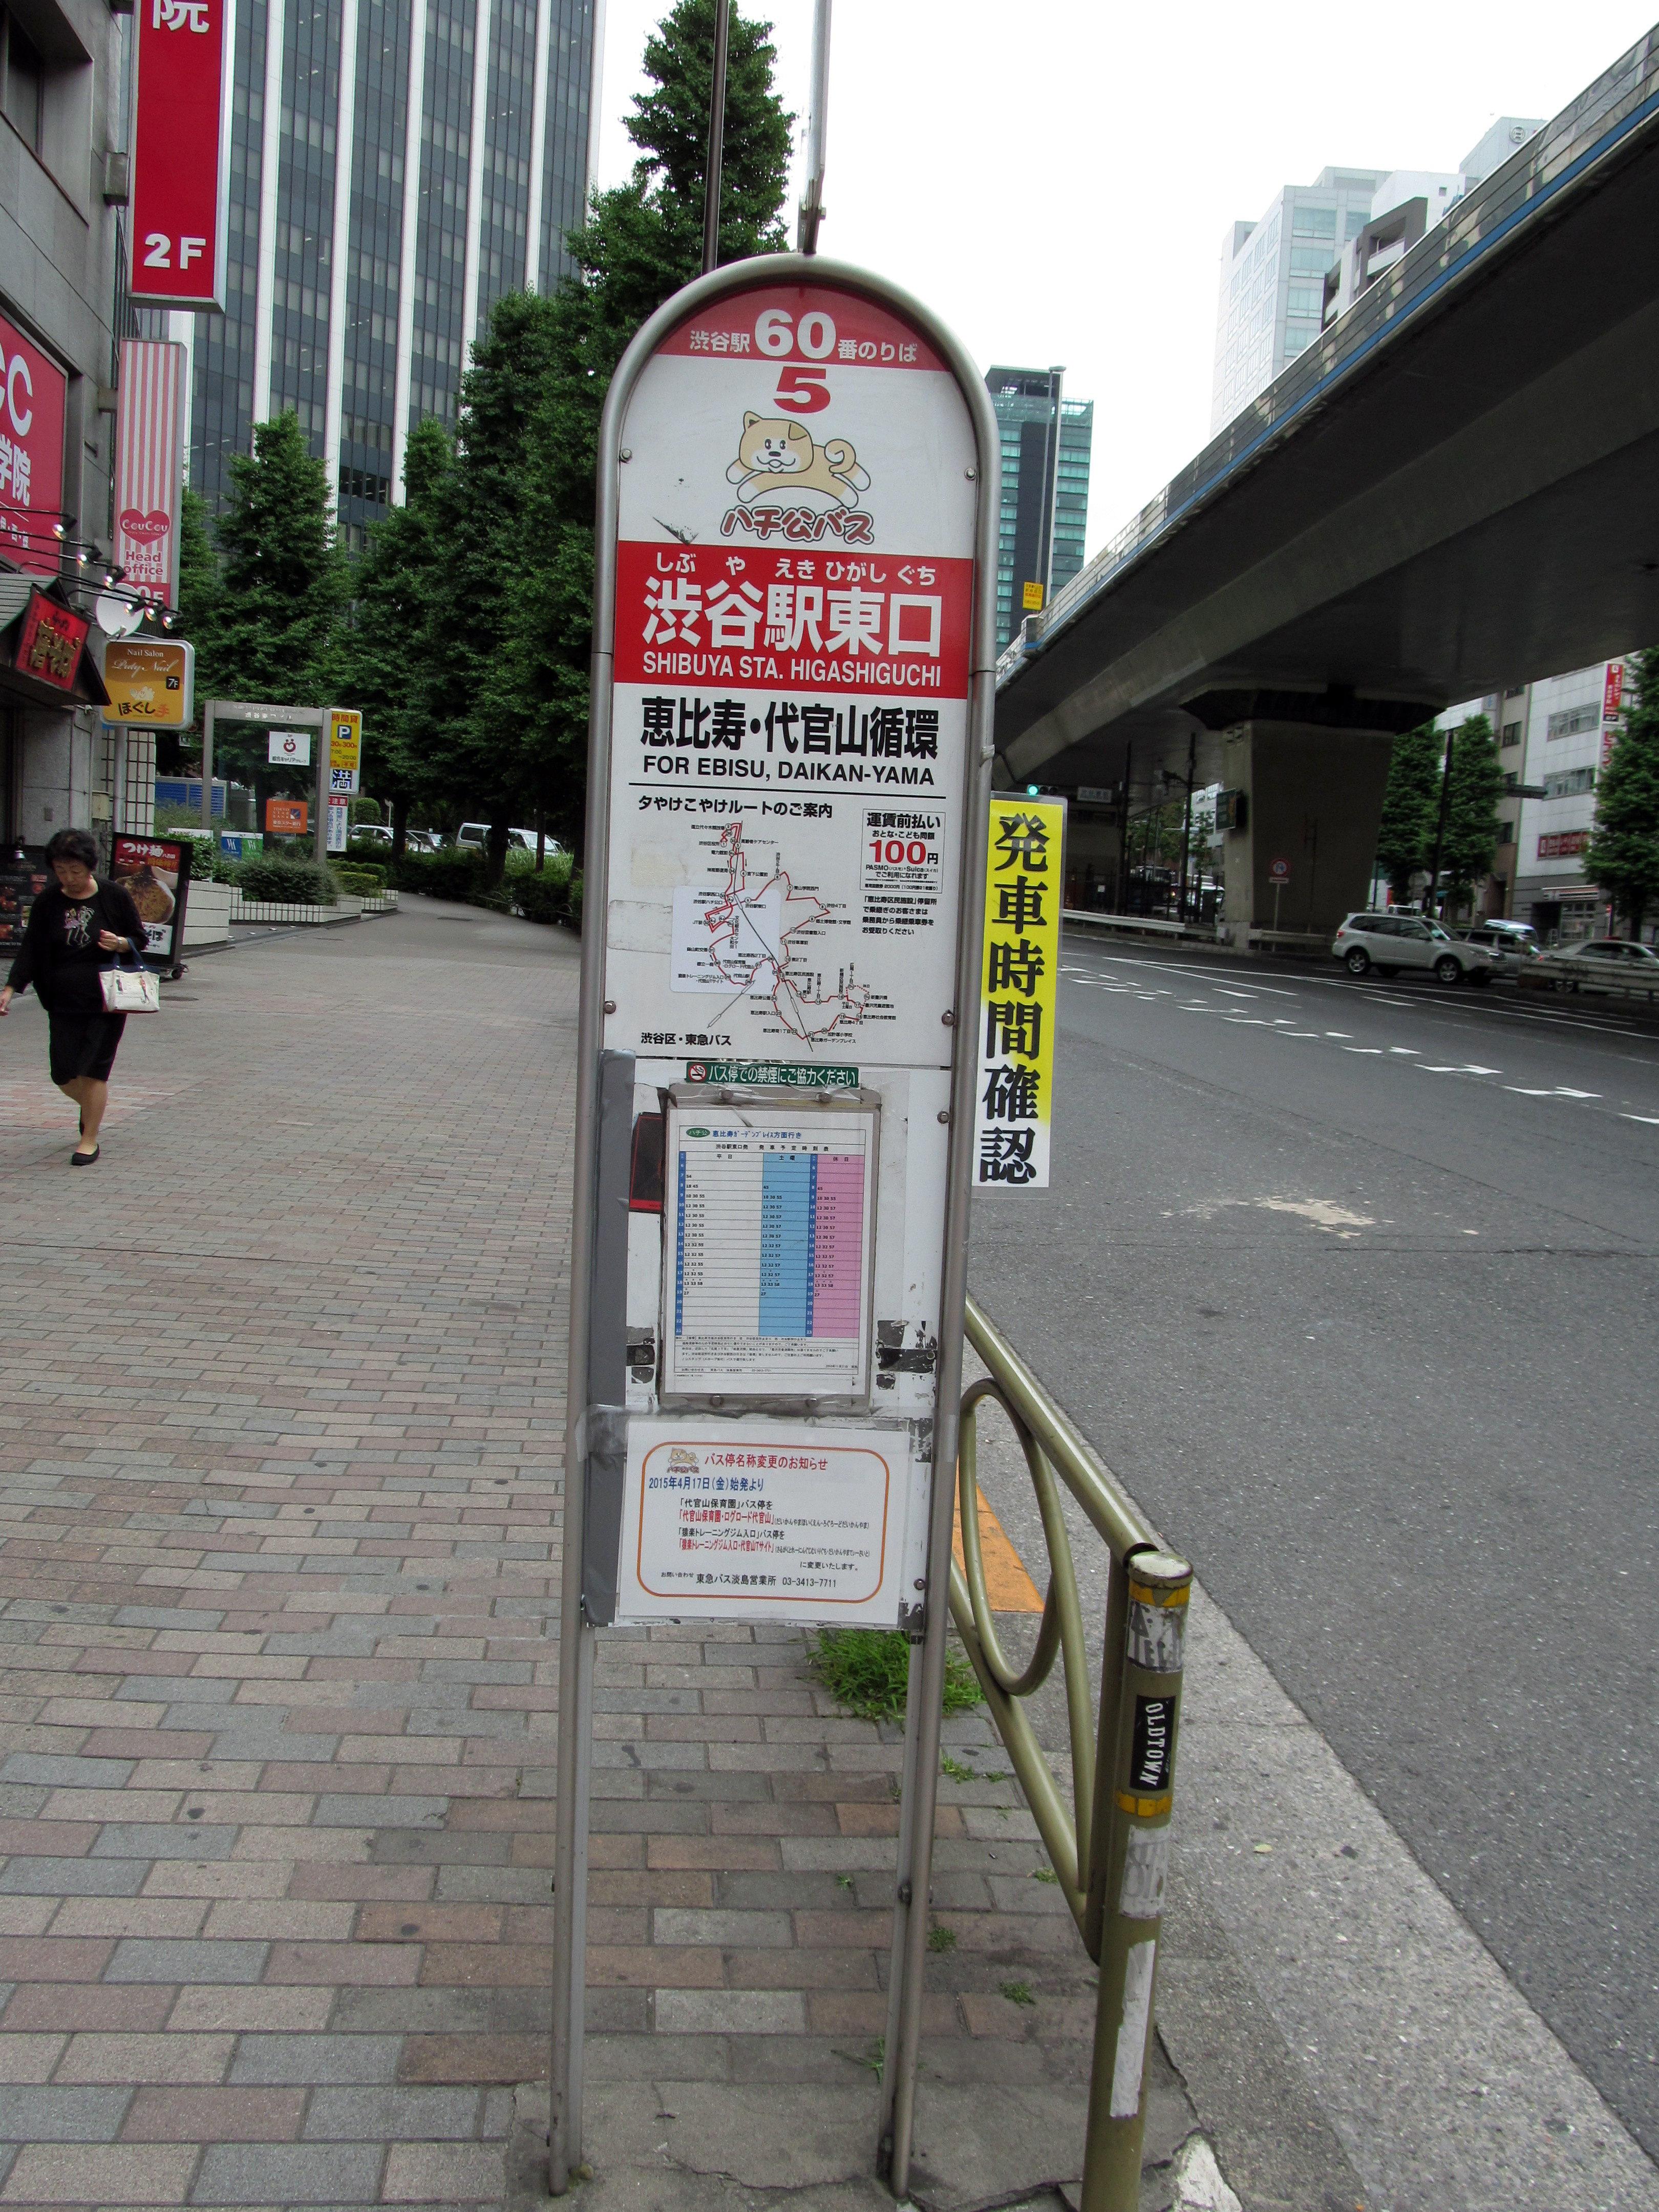 日本东京的涩谷,在海内外比较出名,很多国人应该都知道。这里有高架桥、高速公路,高楼大厦,也有各种各样的店铺,餐厅在涩谷也能依稀看到旧时东京的几分风采。这里车辆还是比较多的,可谓是车流不息。不过,在涉谷,没有很多特别有趣或好玩的地方可以供游客游览。吃的餐厅倒是有那么几家可以光顾,商店也是有的。在涉谷,到了夜晚,涉谷的夜景也是挺美的,挺迷人。在晚上,日本东京的一些年轻人、情侣来涉谷这边逛街的人数是挺多的。